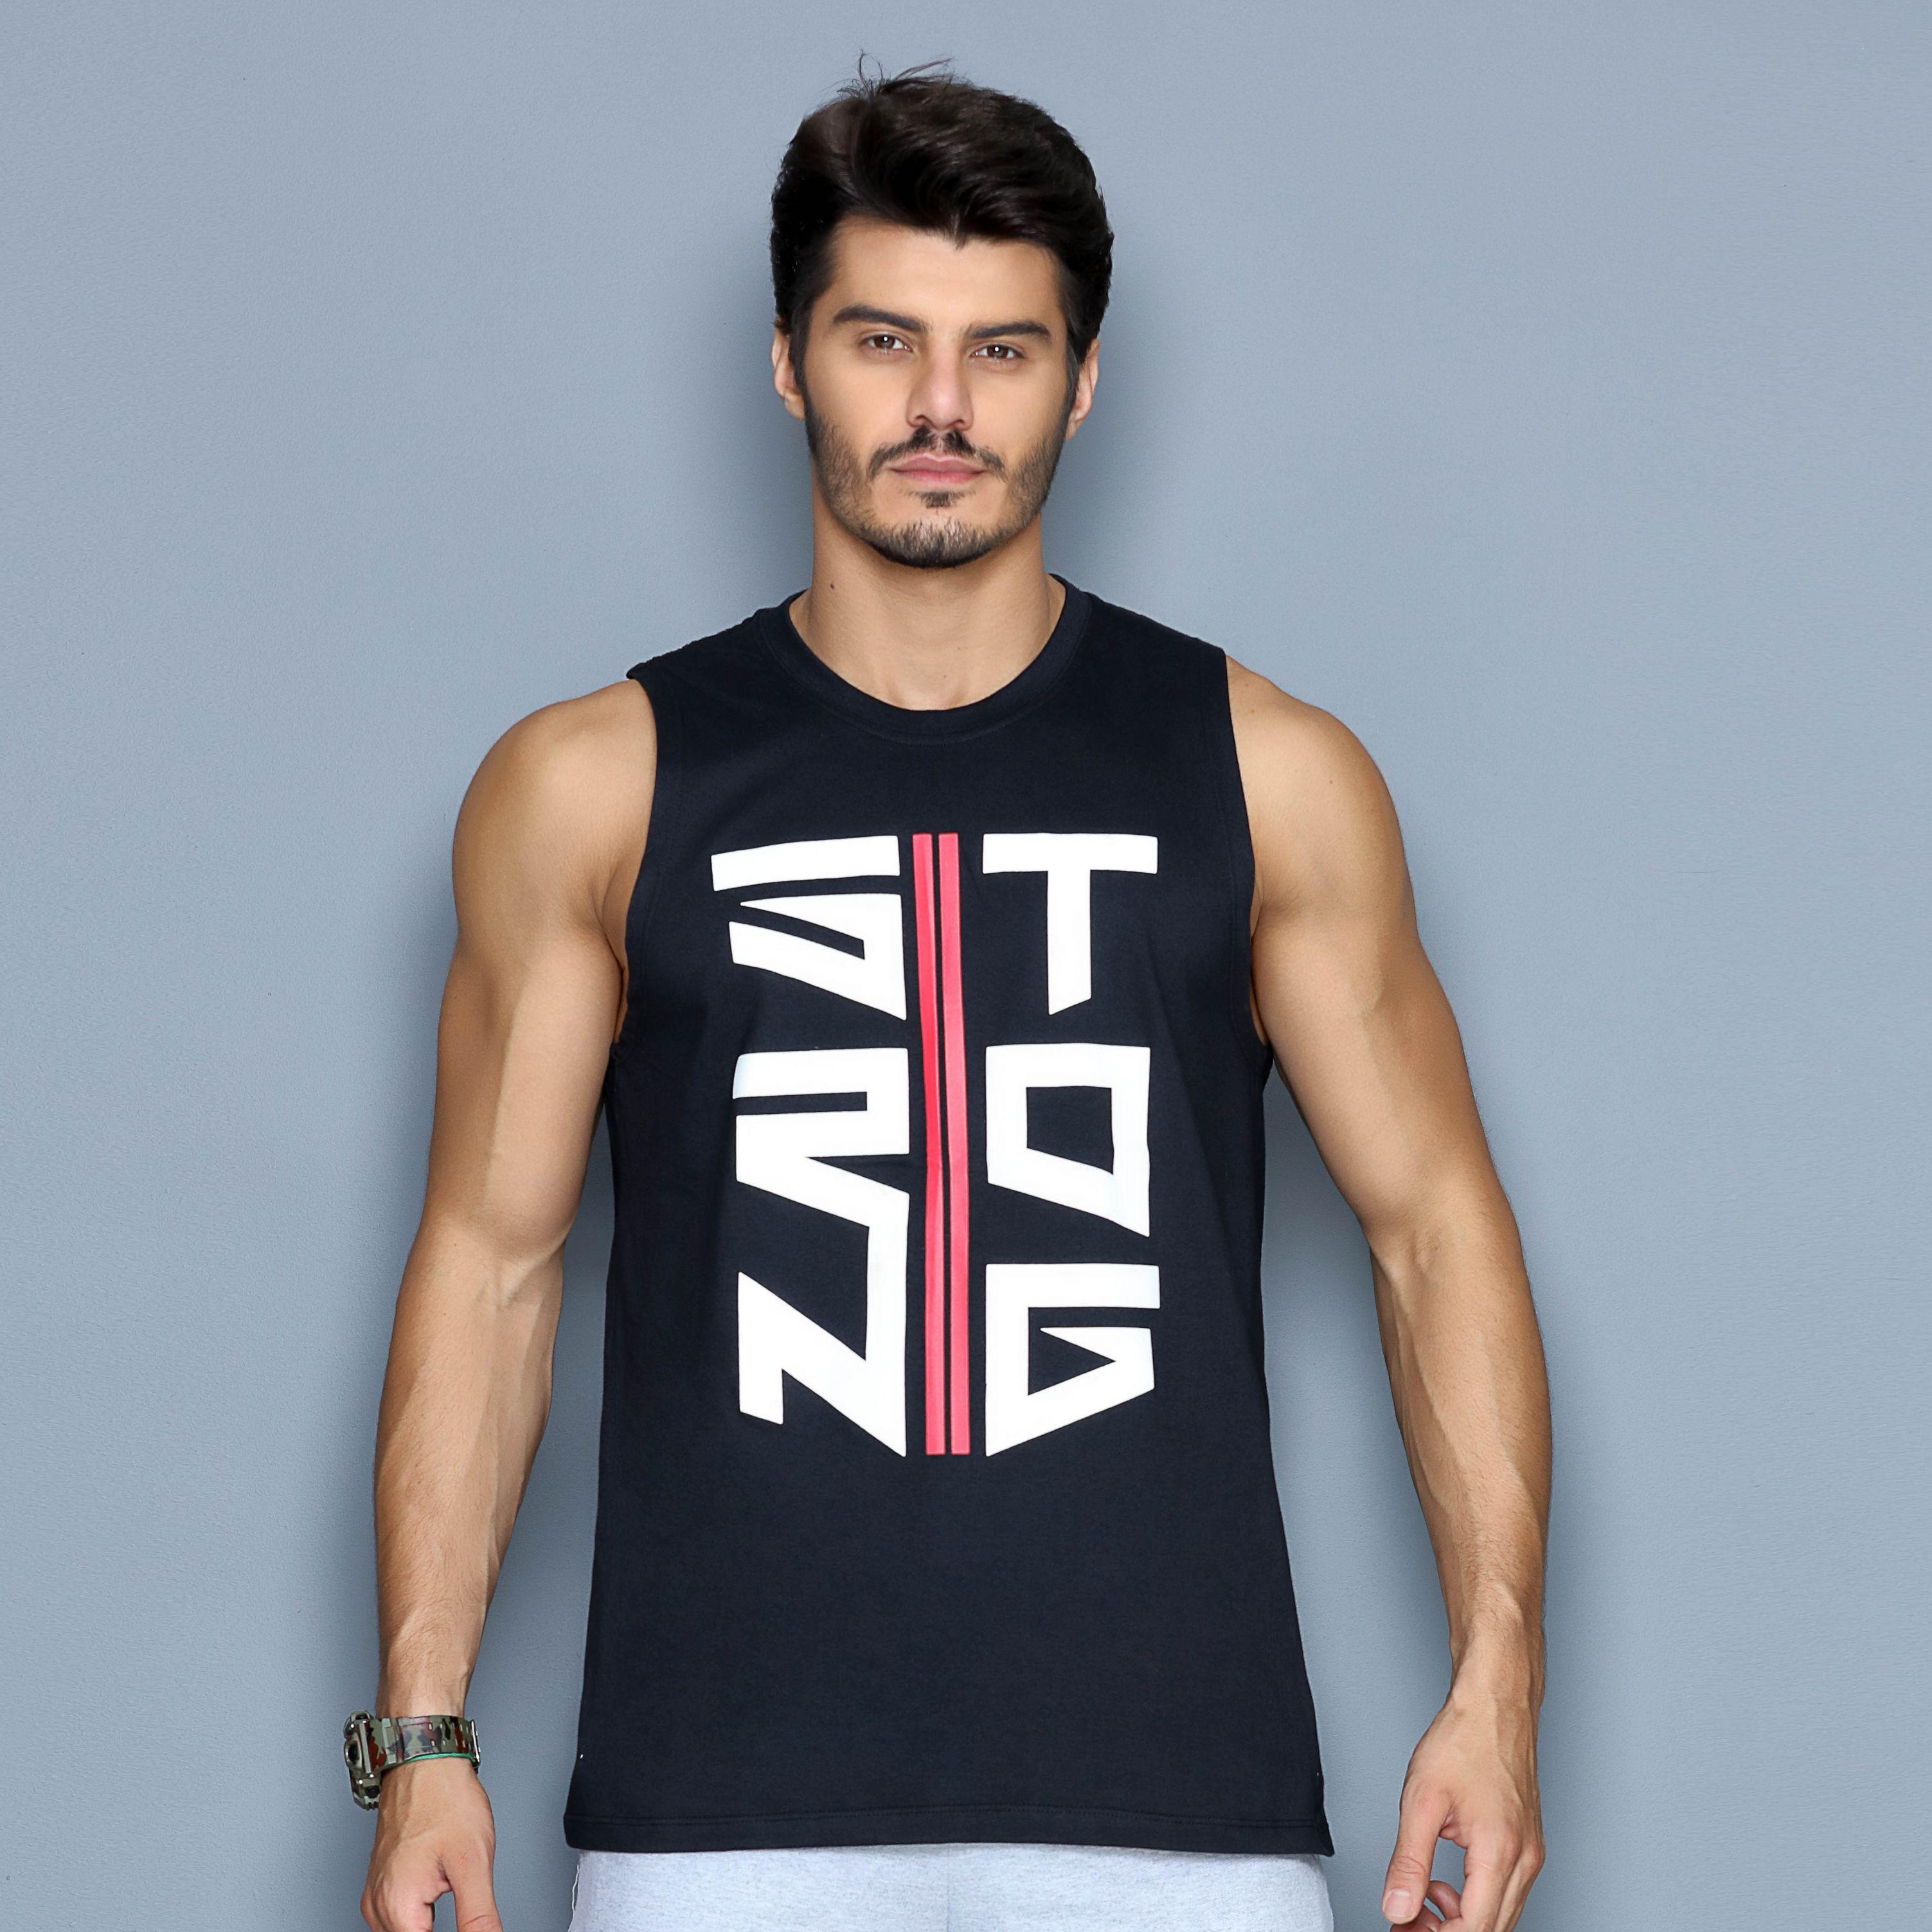 b90aaa16c Regatas Masculina Machão Strong - Donna Carioca - Moda fitness com preço de  fábrica